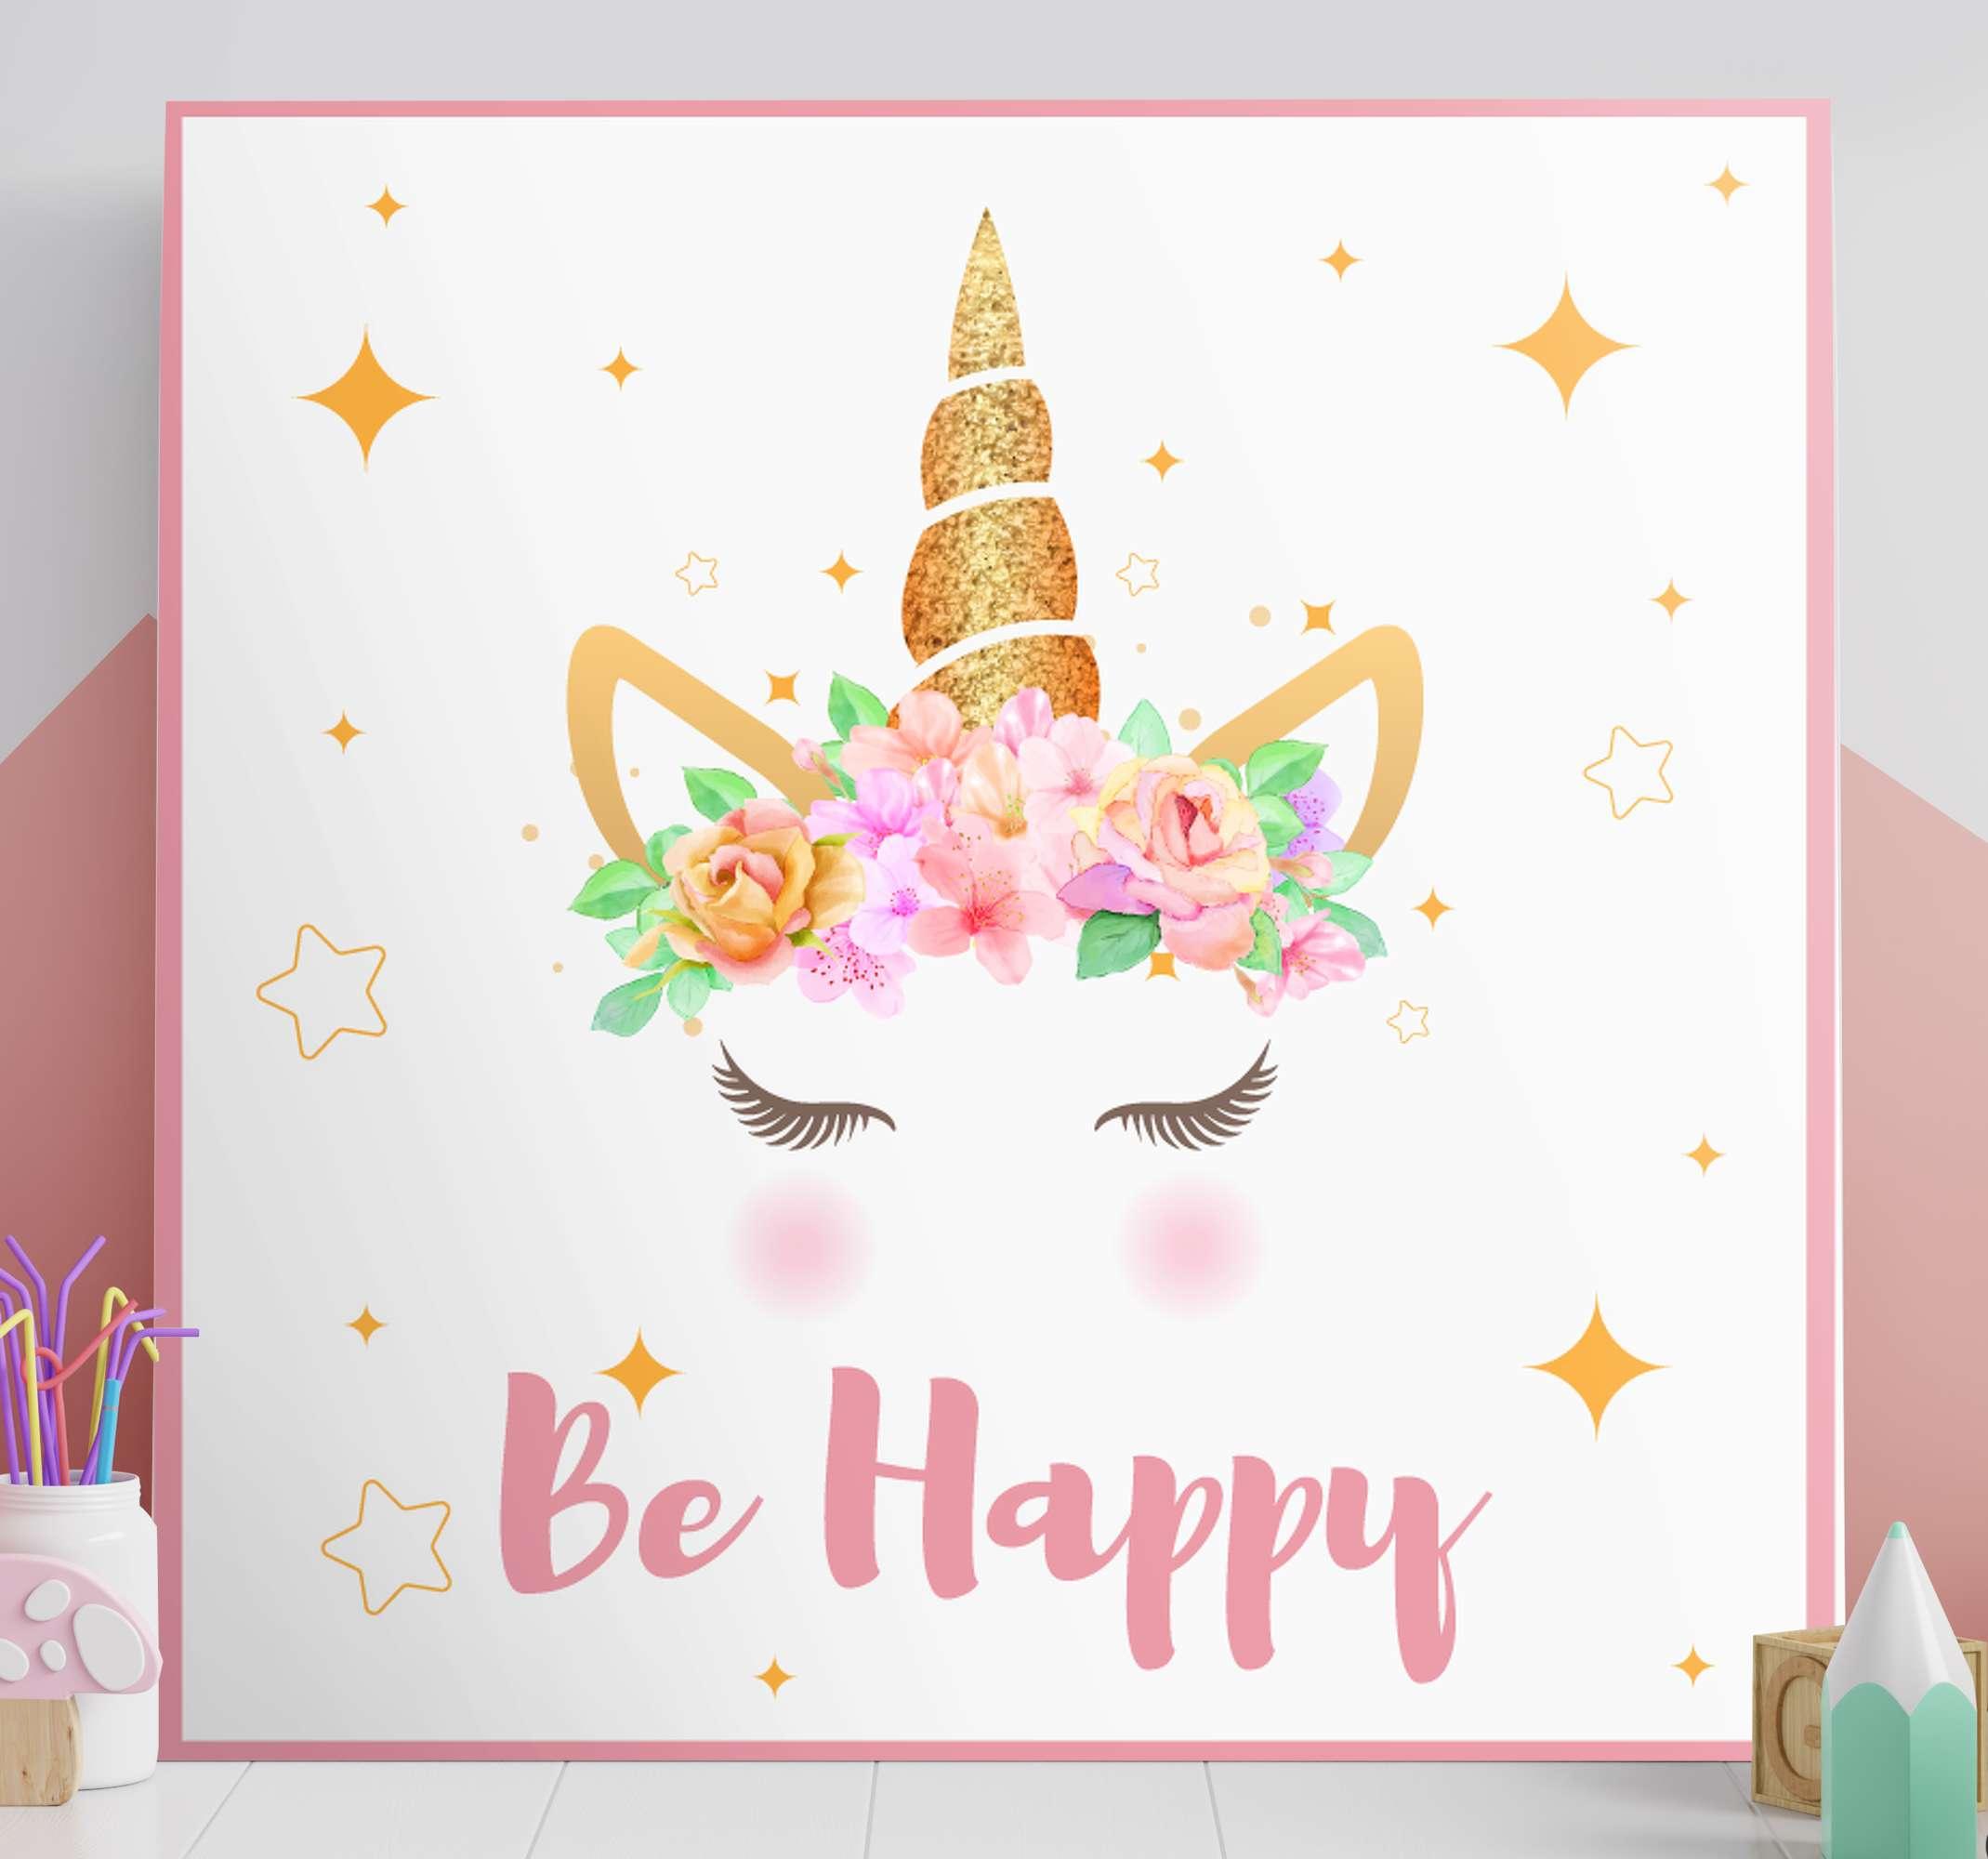 Tenstickers. Yksisarviset lause olla onnellinen yksisarvinen canvastaulu. Värikäs, hauska ja iloinen keijufantasiakangas taidetta lapsille. Kangas taideteos, joka kuvaa yksisarvisen sarvea hymyilevillä kasvoilla, kukilla ja tähdillä.